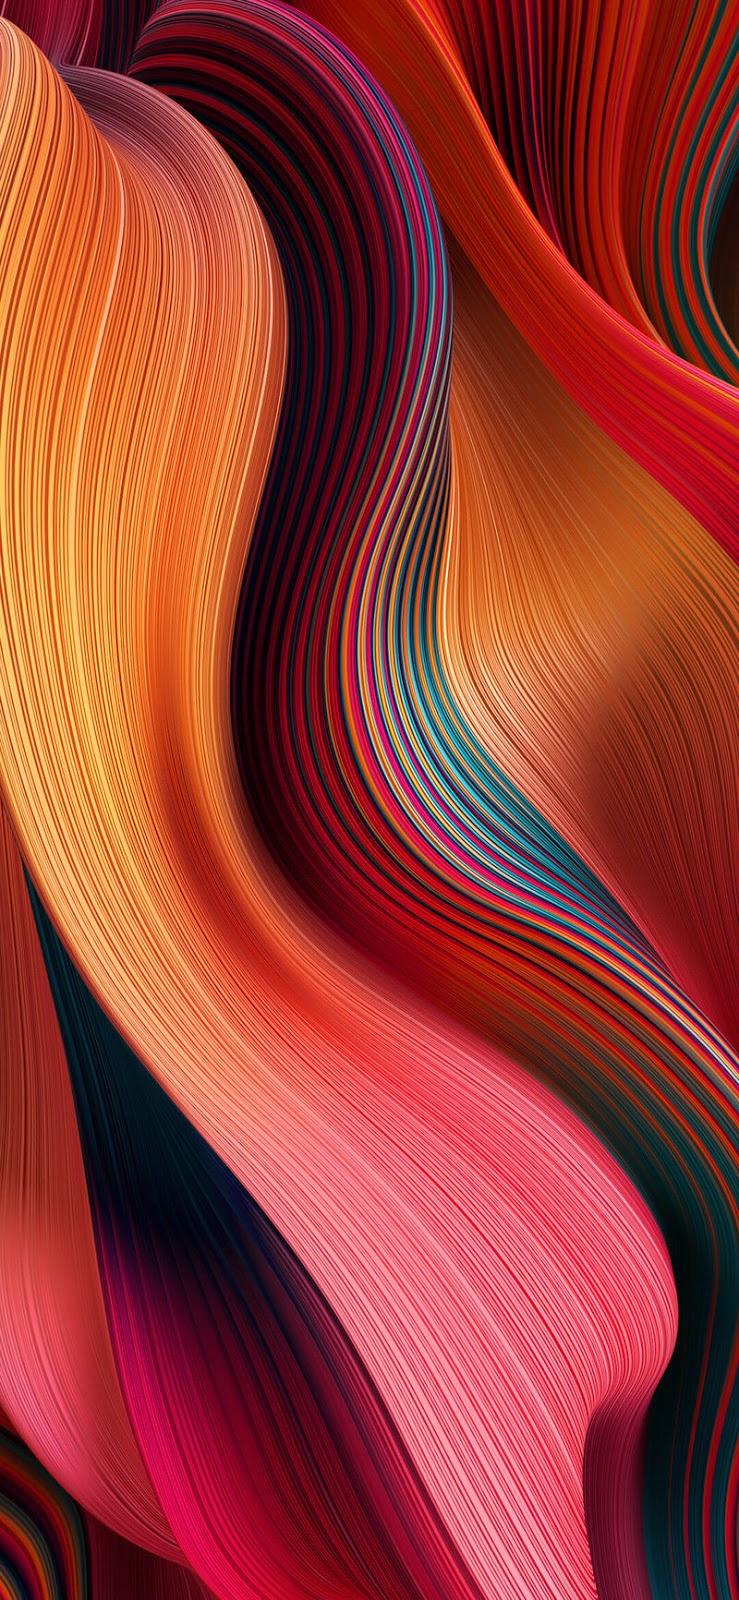 Download Xiaomi MIUI 11 Stock Wallpaper Full HD Plus ZIP ...